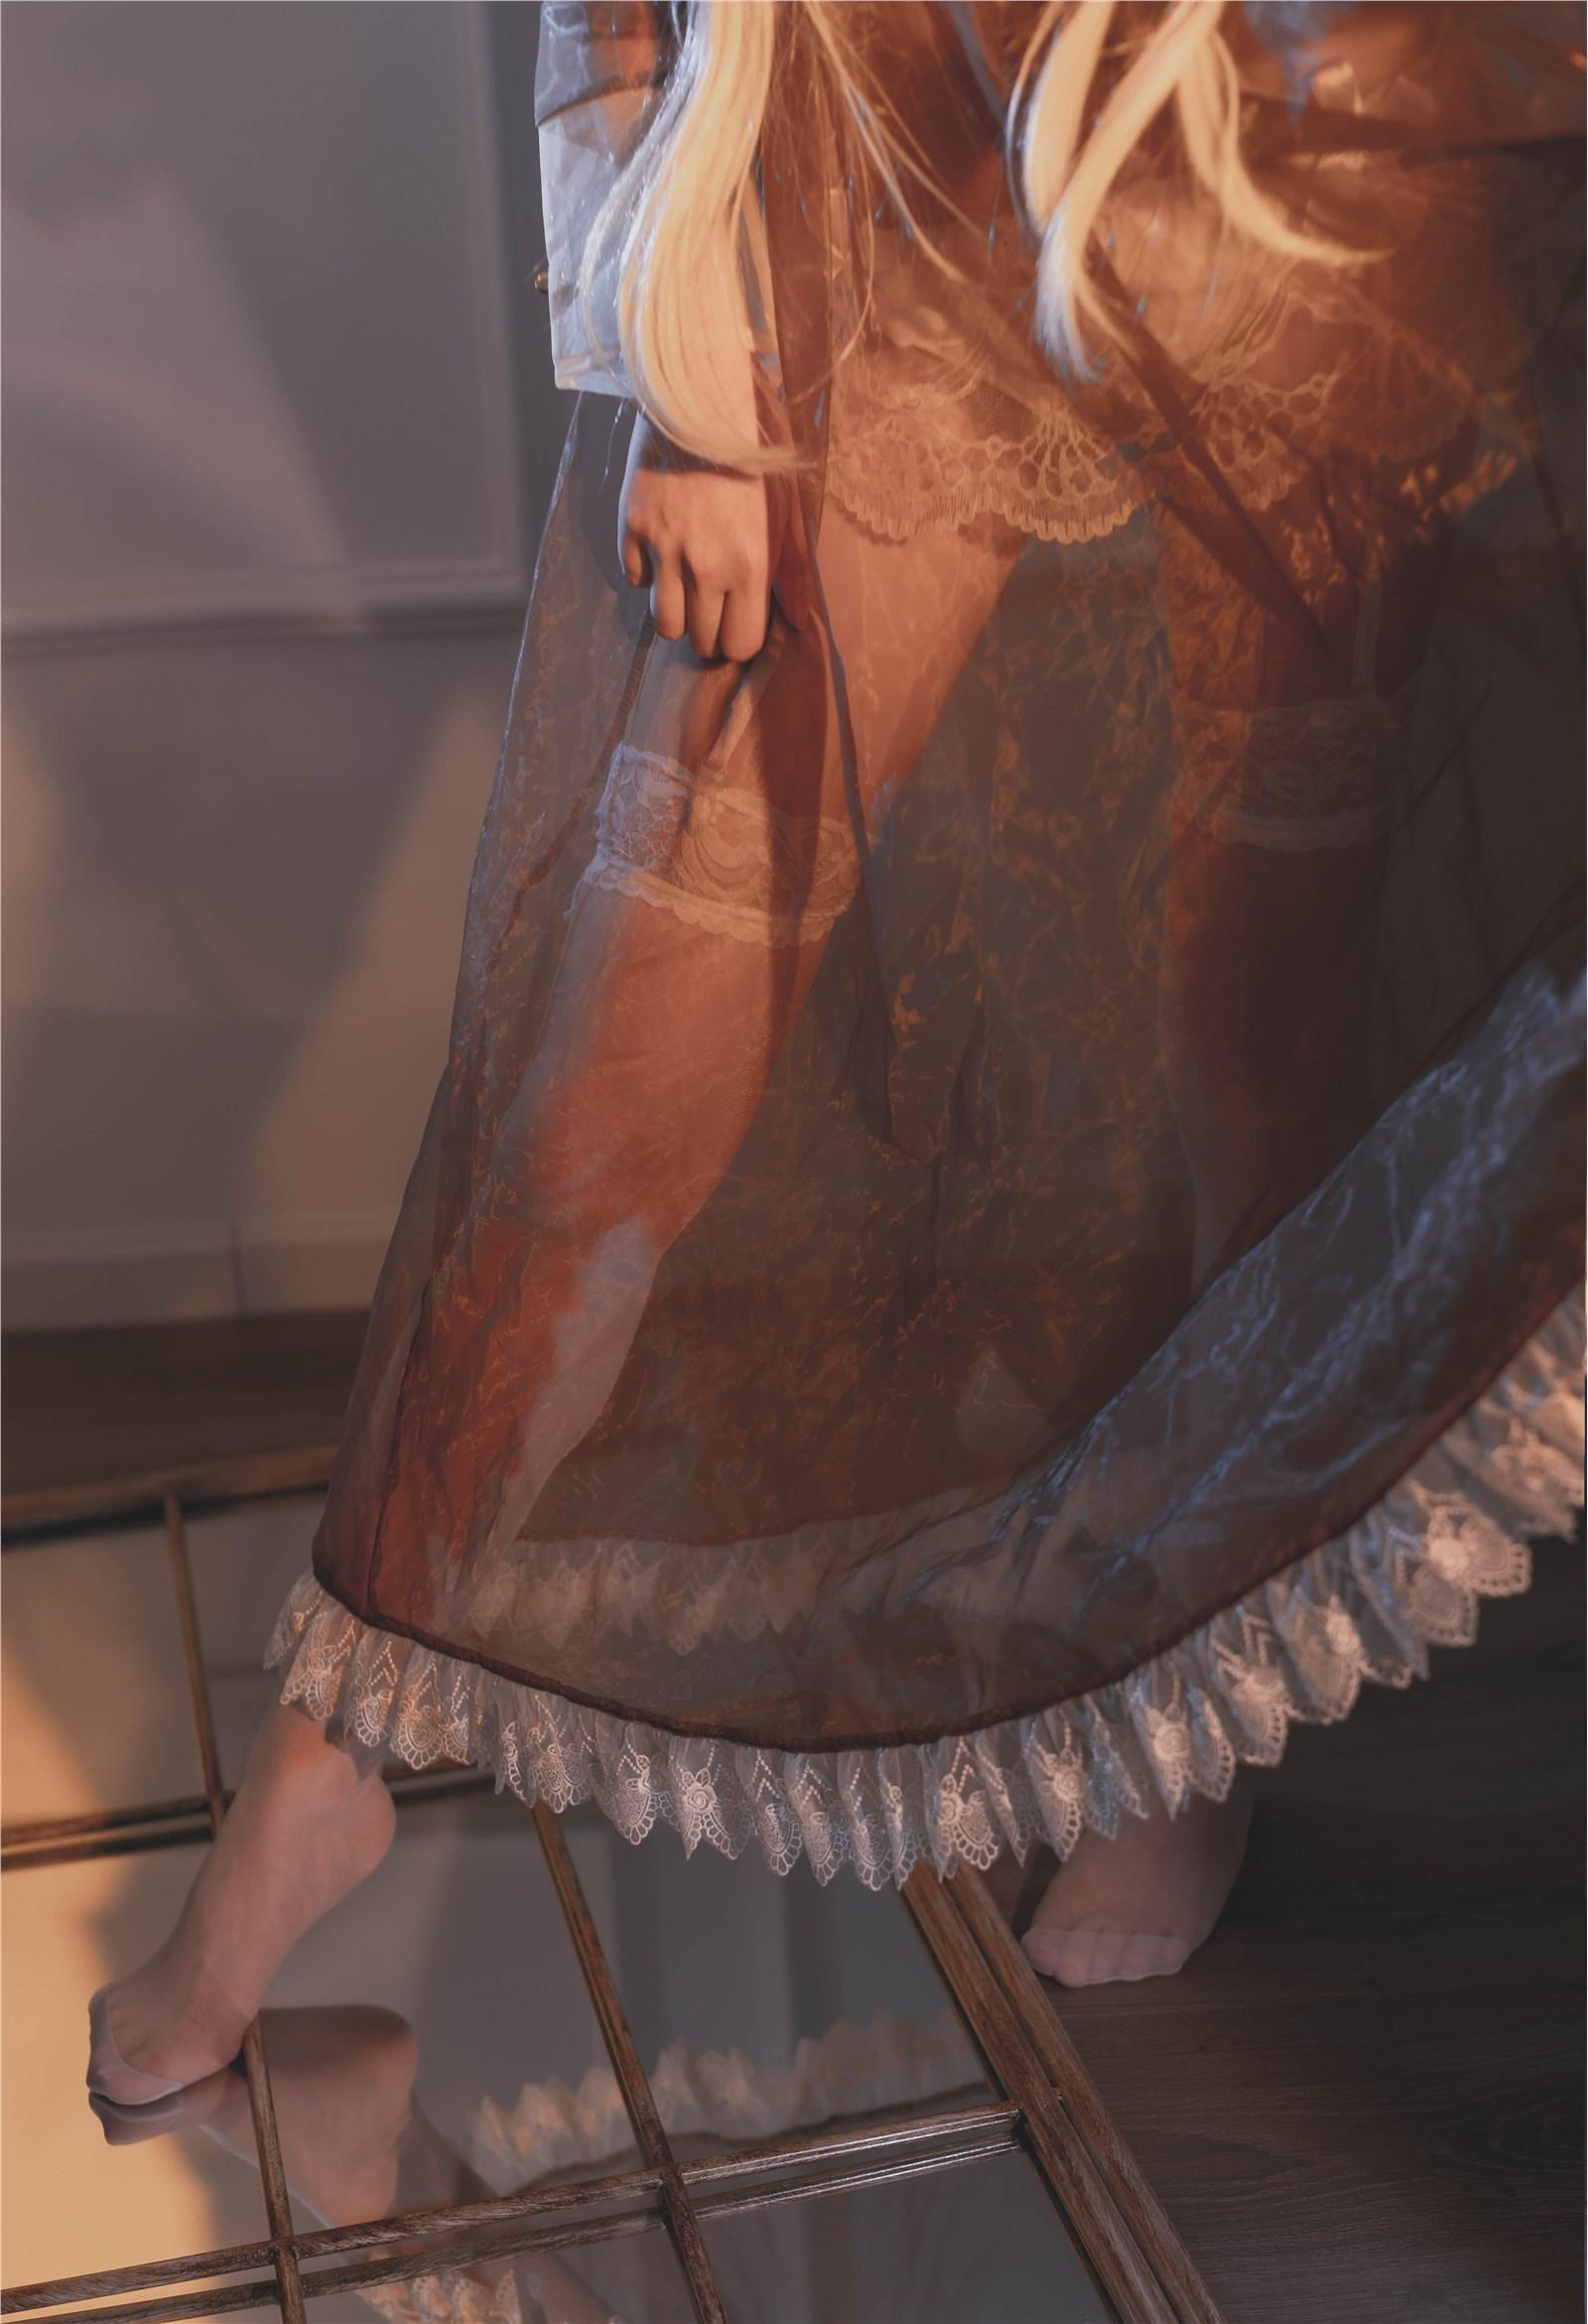 福利姬嘎潼 - 透明女仆